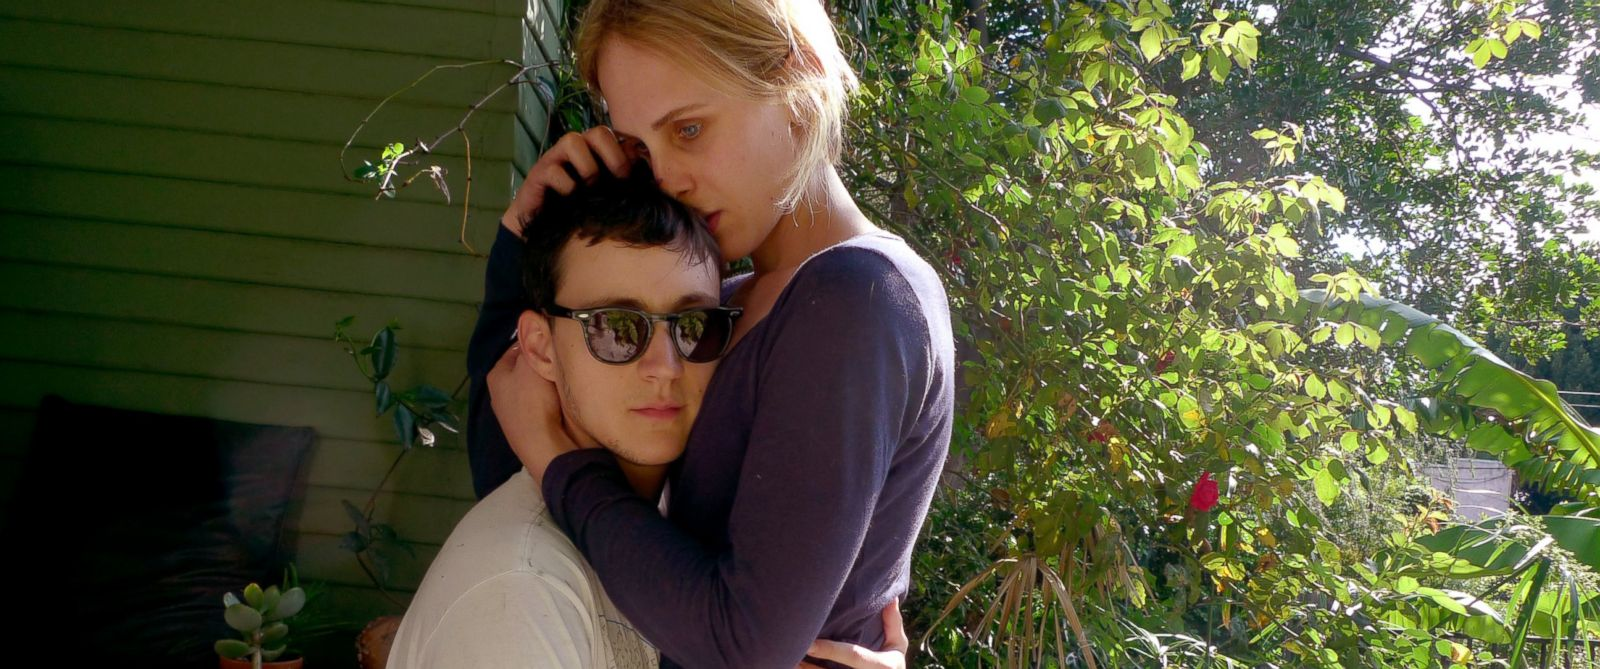 zackary drucker and rhys ernst relationship help